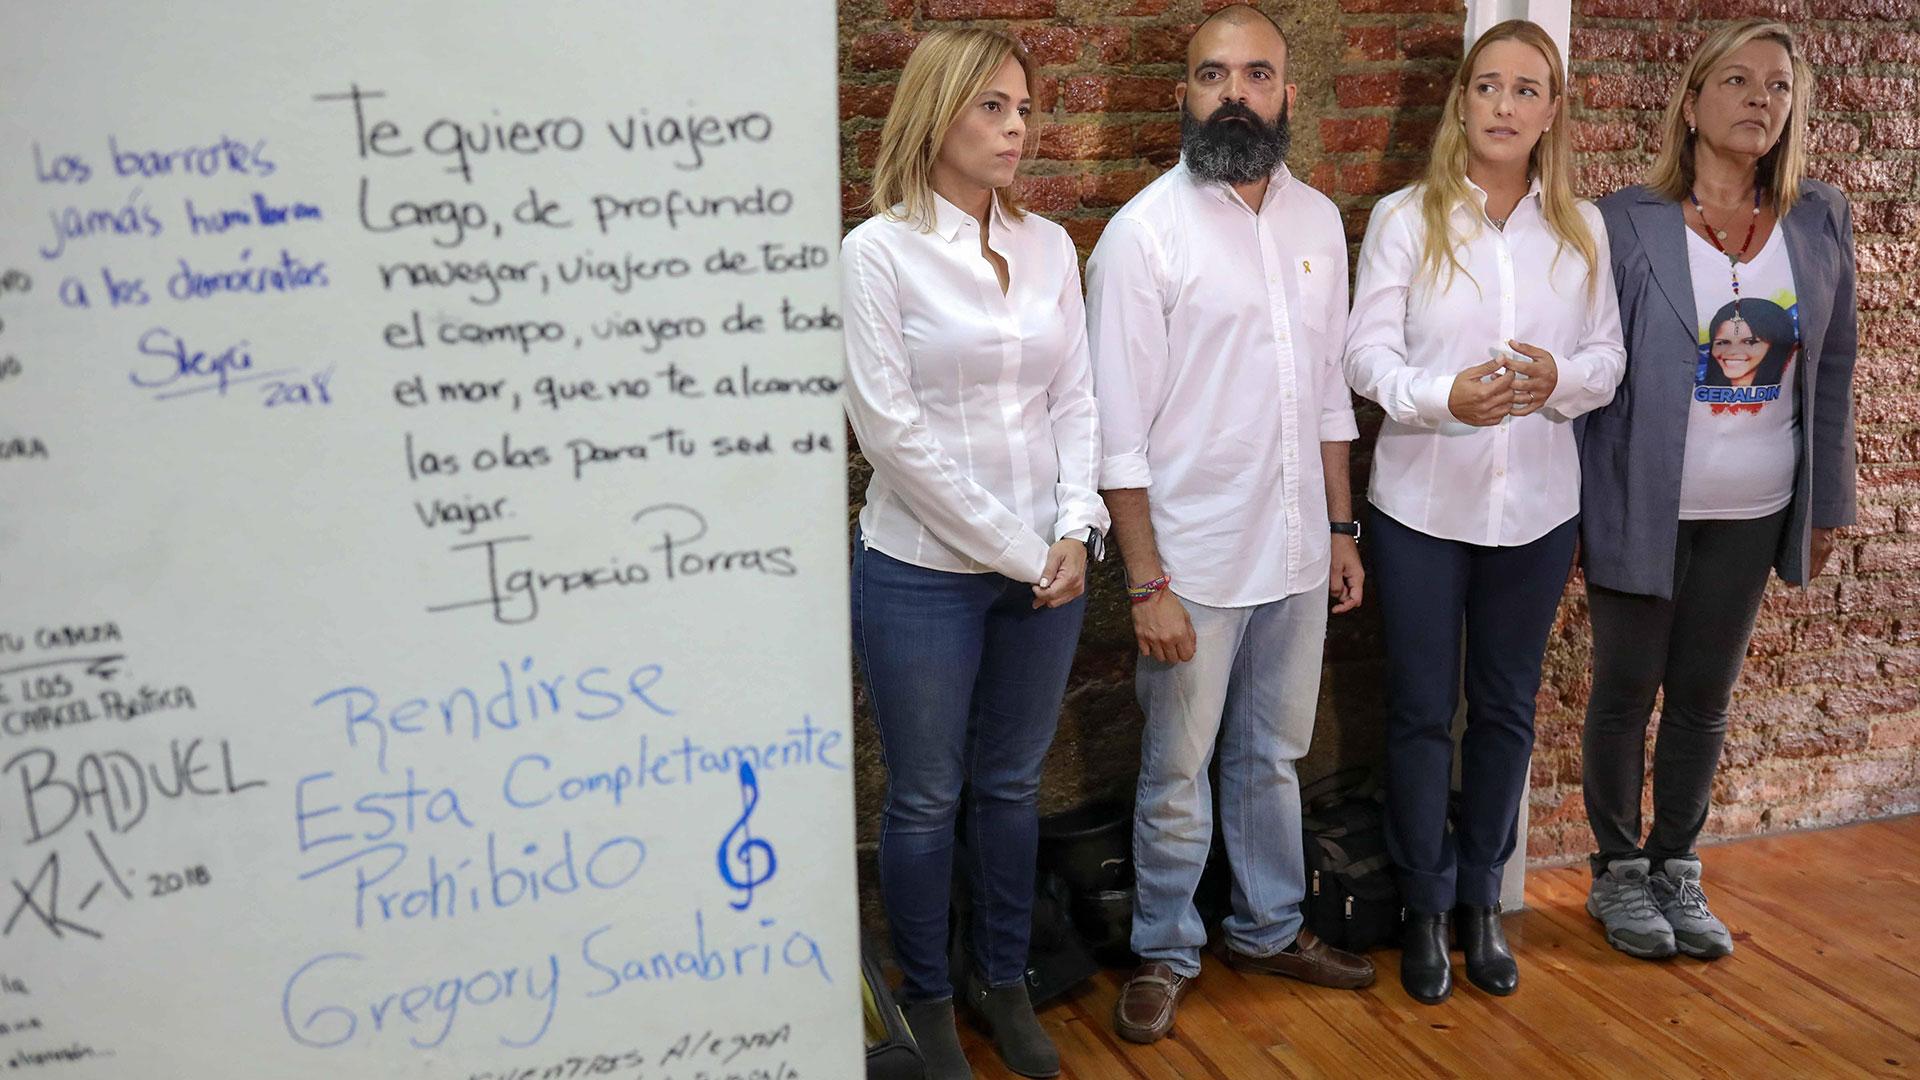 También se exponen mensajes de presos políticos y torturados del régimen de Maduro (EFE)